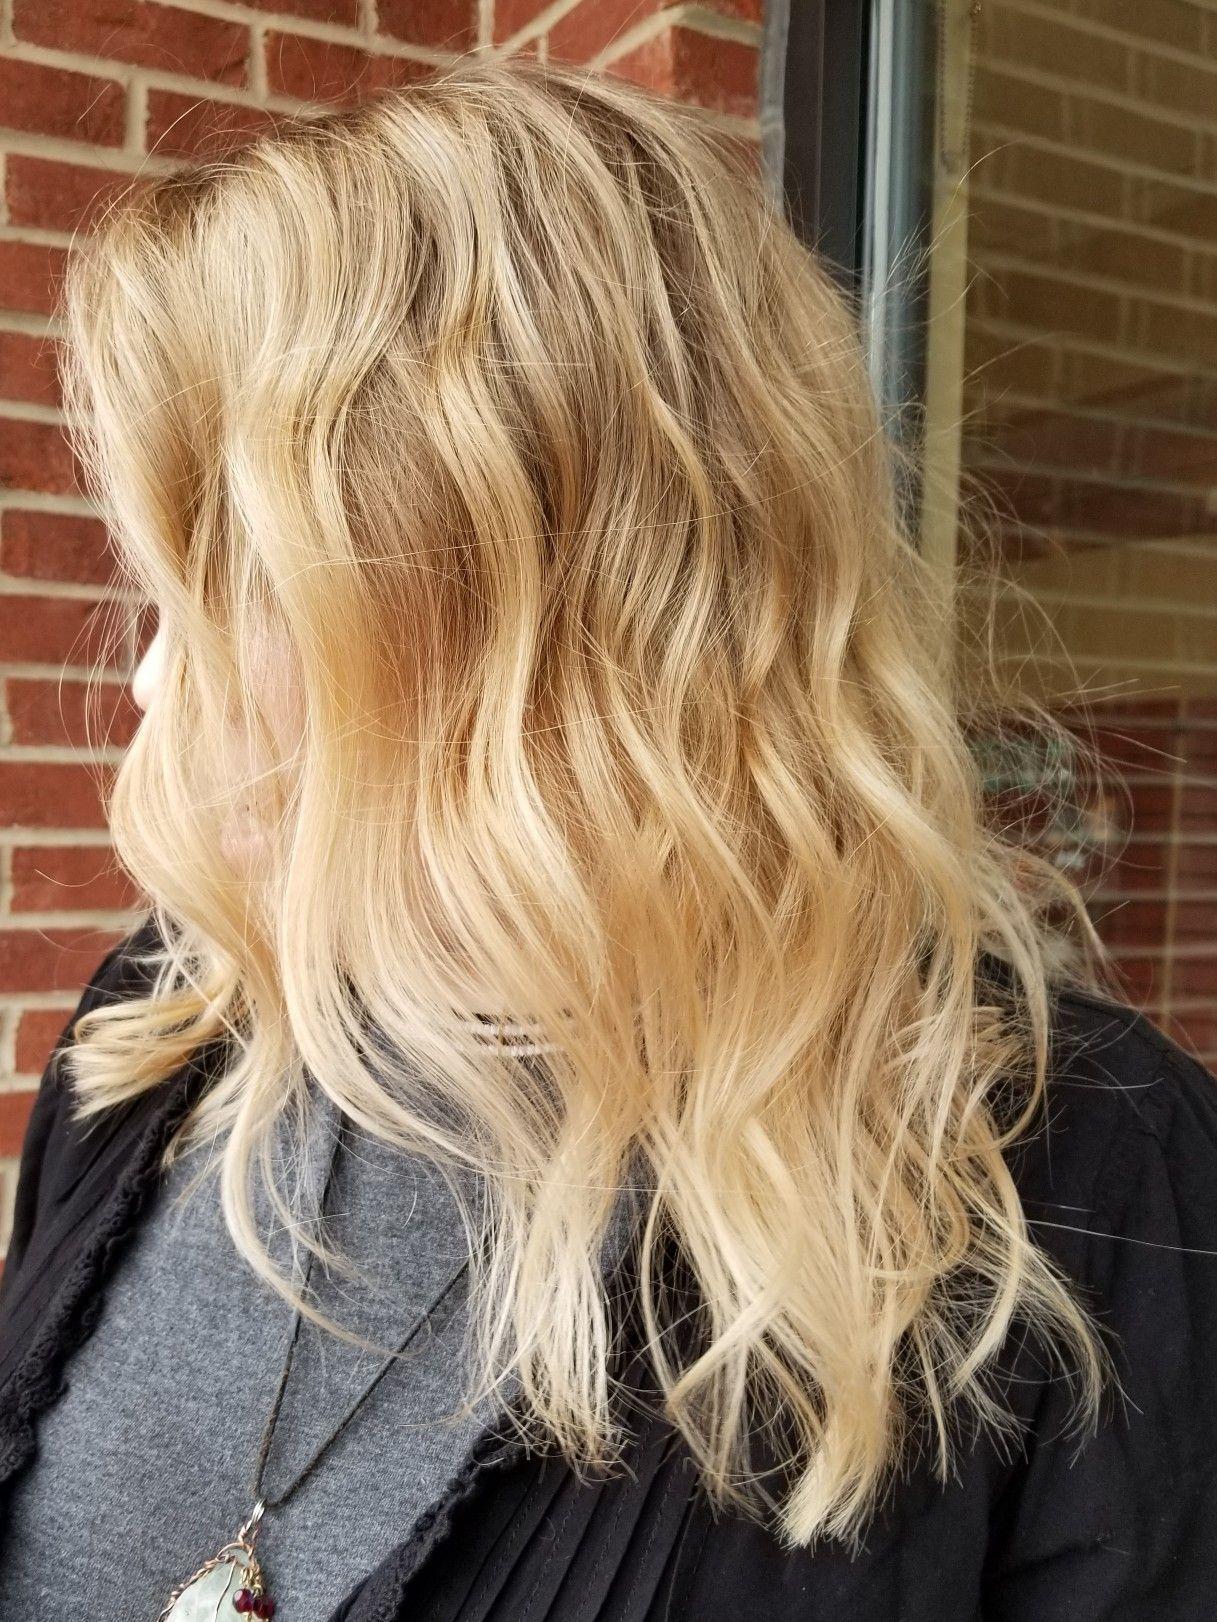 Natural Ash blonde balayage #naturalashblonde Natural Ash blonde balayage #naturalashblonde